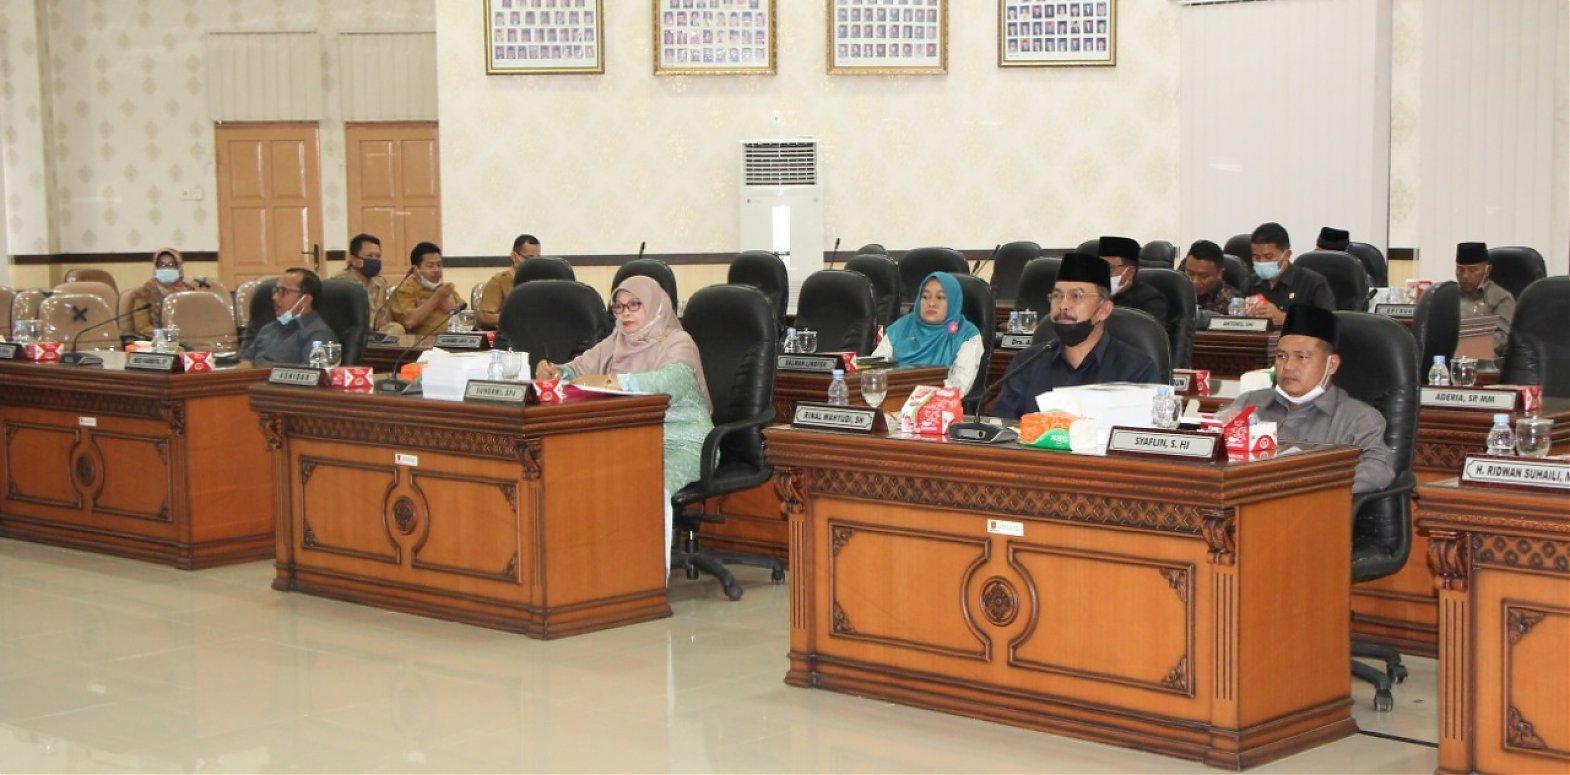 DPRD Kabupaten Agam gelar  Rapat Paripurna Penyampaian Nota Bupati  tentang Ranperda Pertanggungjawaban APBD Kabupaten Agam  Tahun 2020